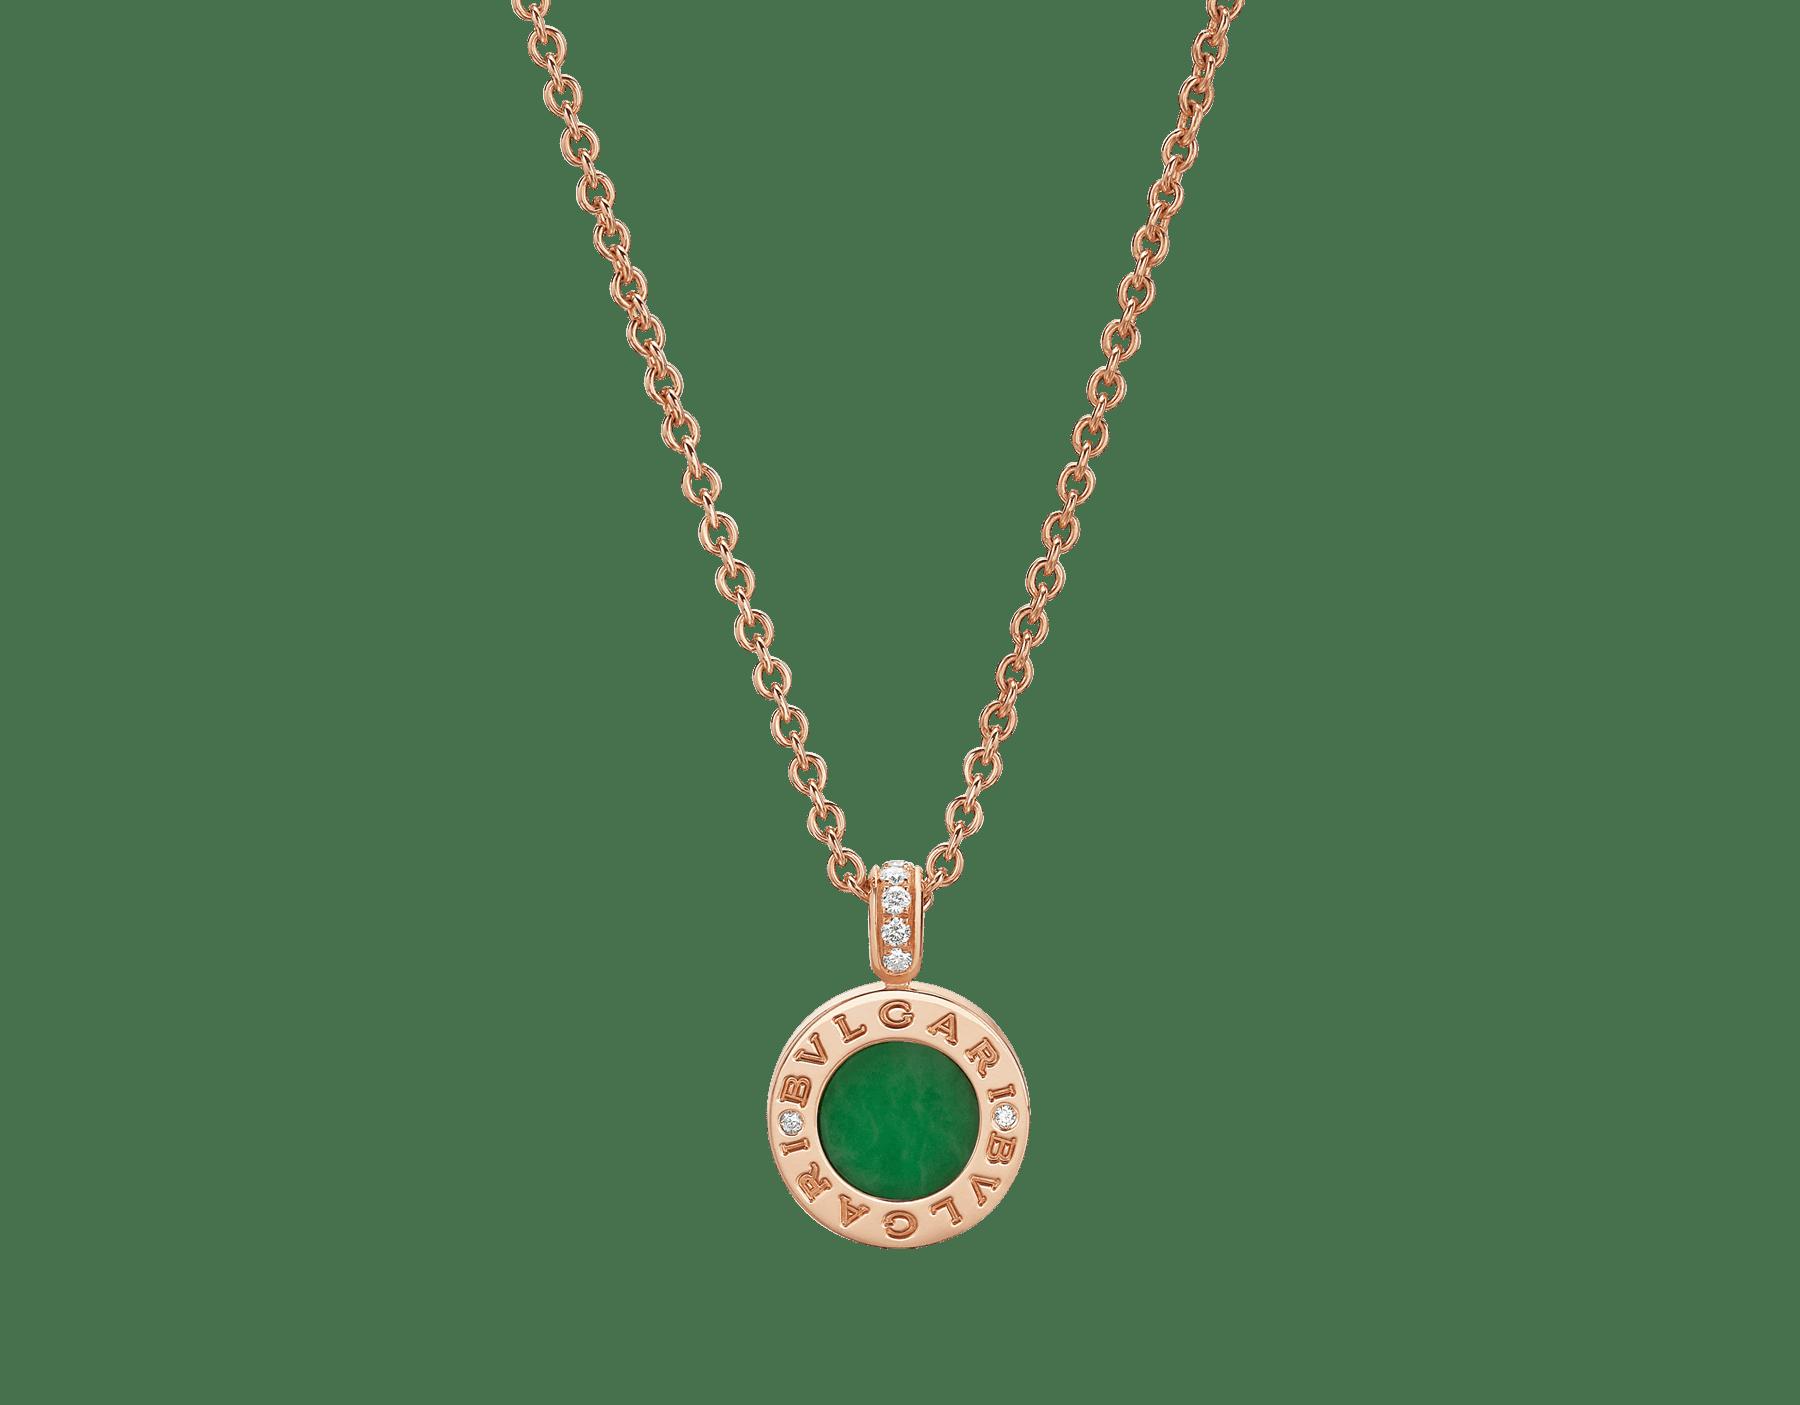 Collier BVLGARI BVLGARI avec chaîne en or rose 18K et pendentif en or rose 18K serti d'éléments en jade et pavé diamants 350681 image 1